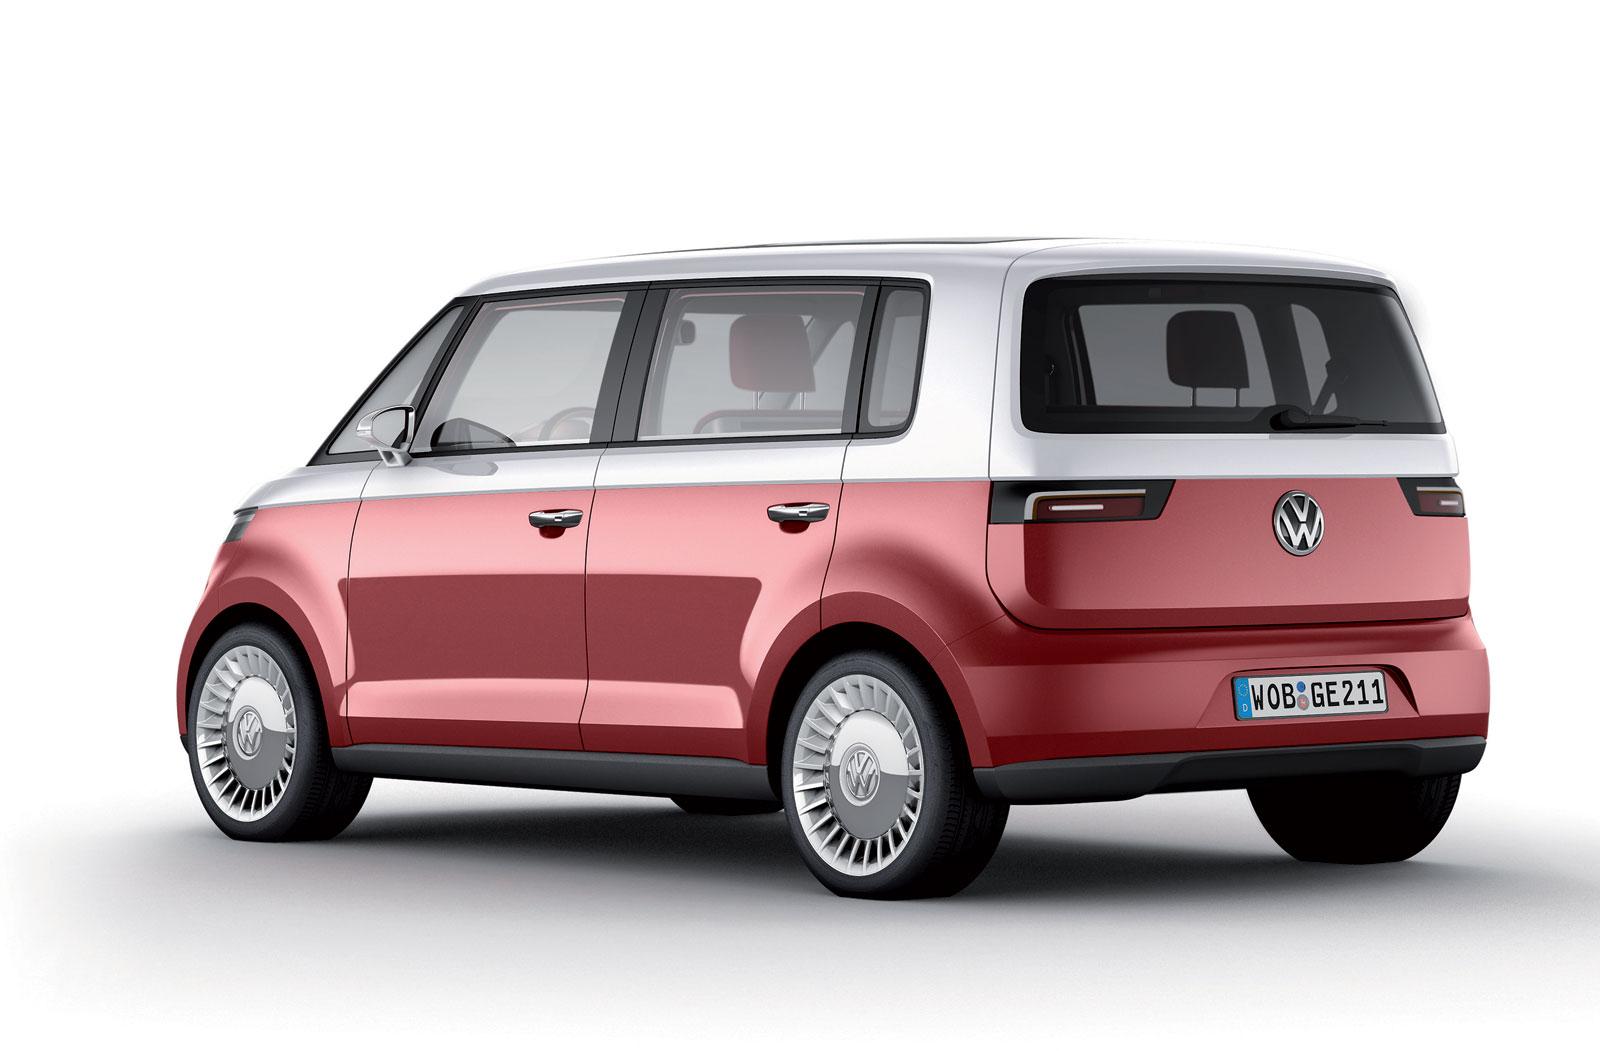 http://2.bp.blogspot.com/-wmJIPKYsOIw/T-N6FoFmeXI/AAAAAAAAD2U/WNBTJR6QzM4/s1600/Volkswagen+Bulli+Concept+Hd+Wallpapers+2011_4.jpg